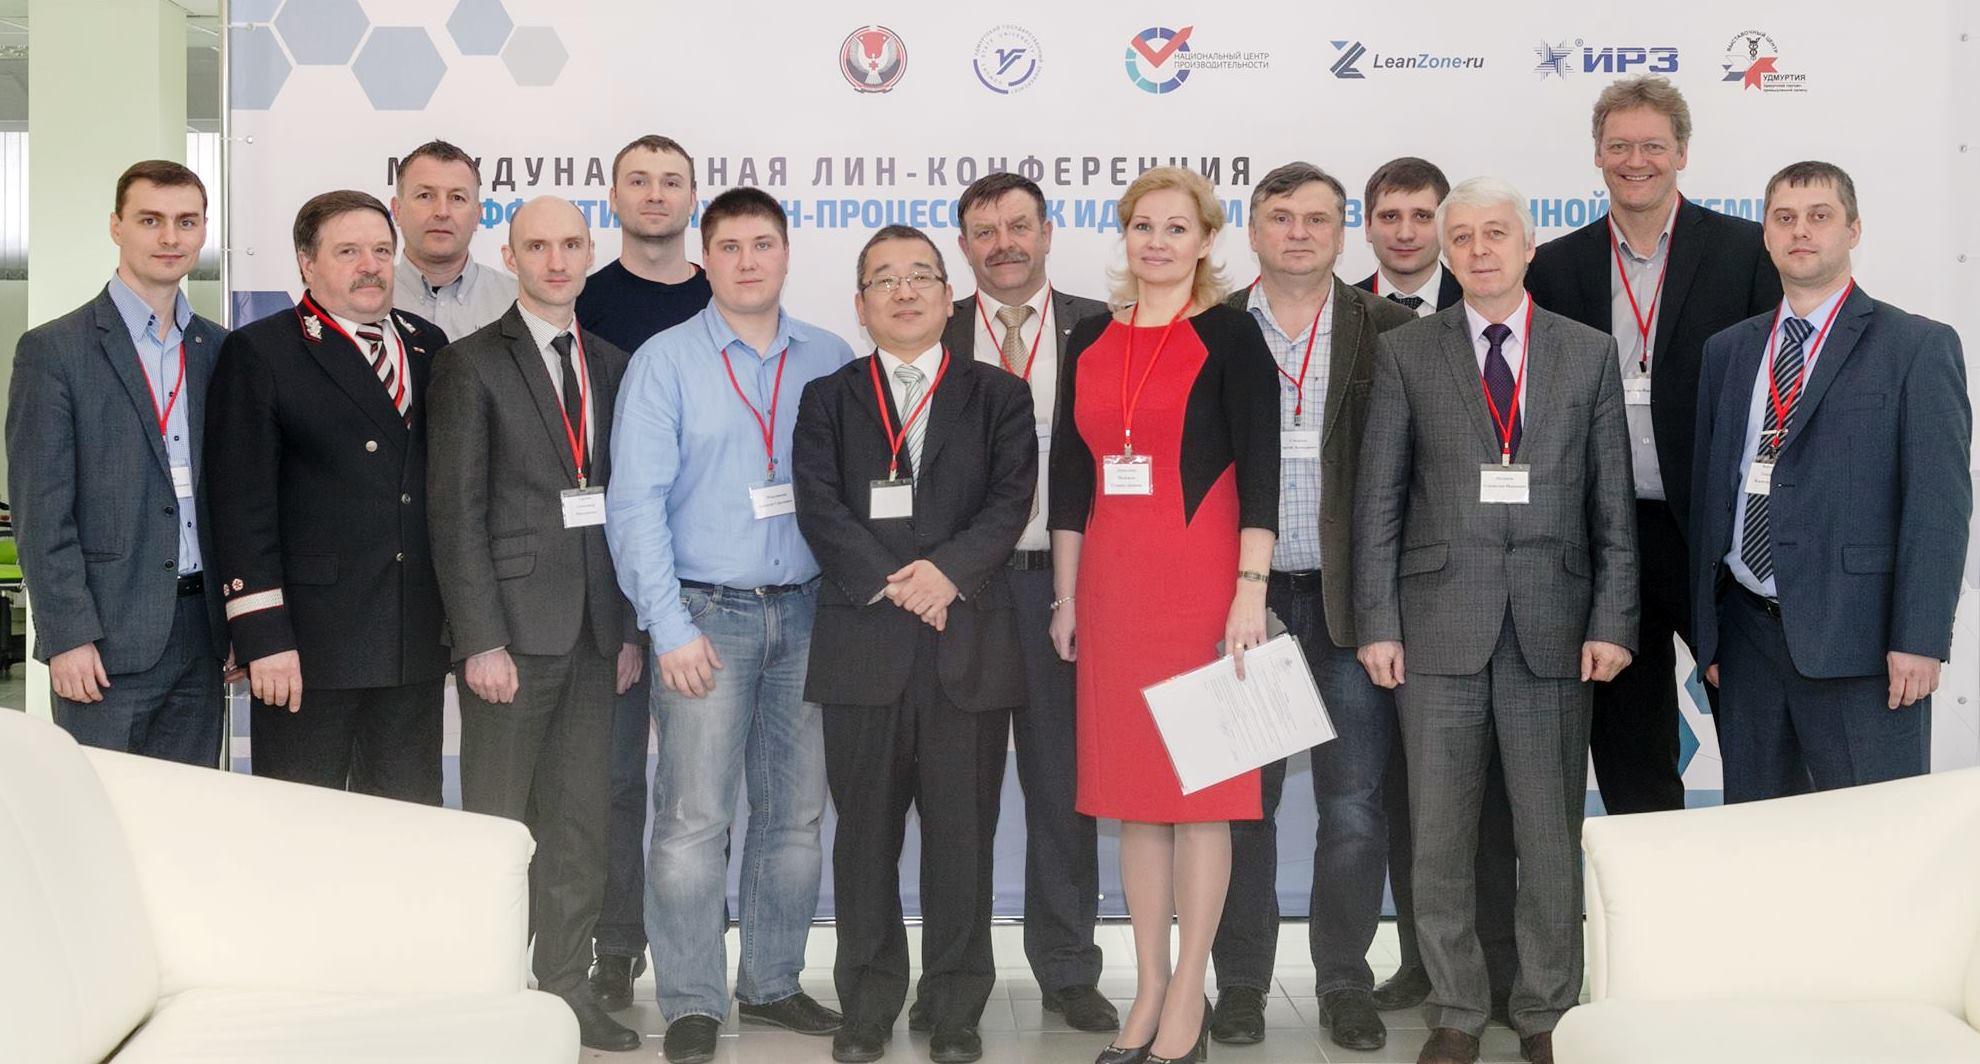 Экскурсия и мастер класс на концерн бабаевский для новичков #10